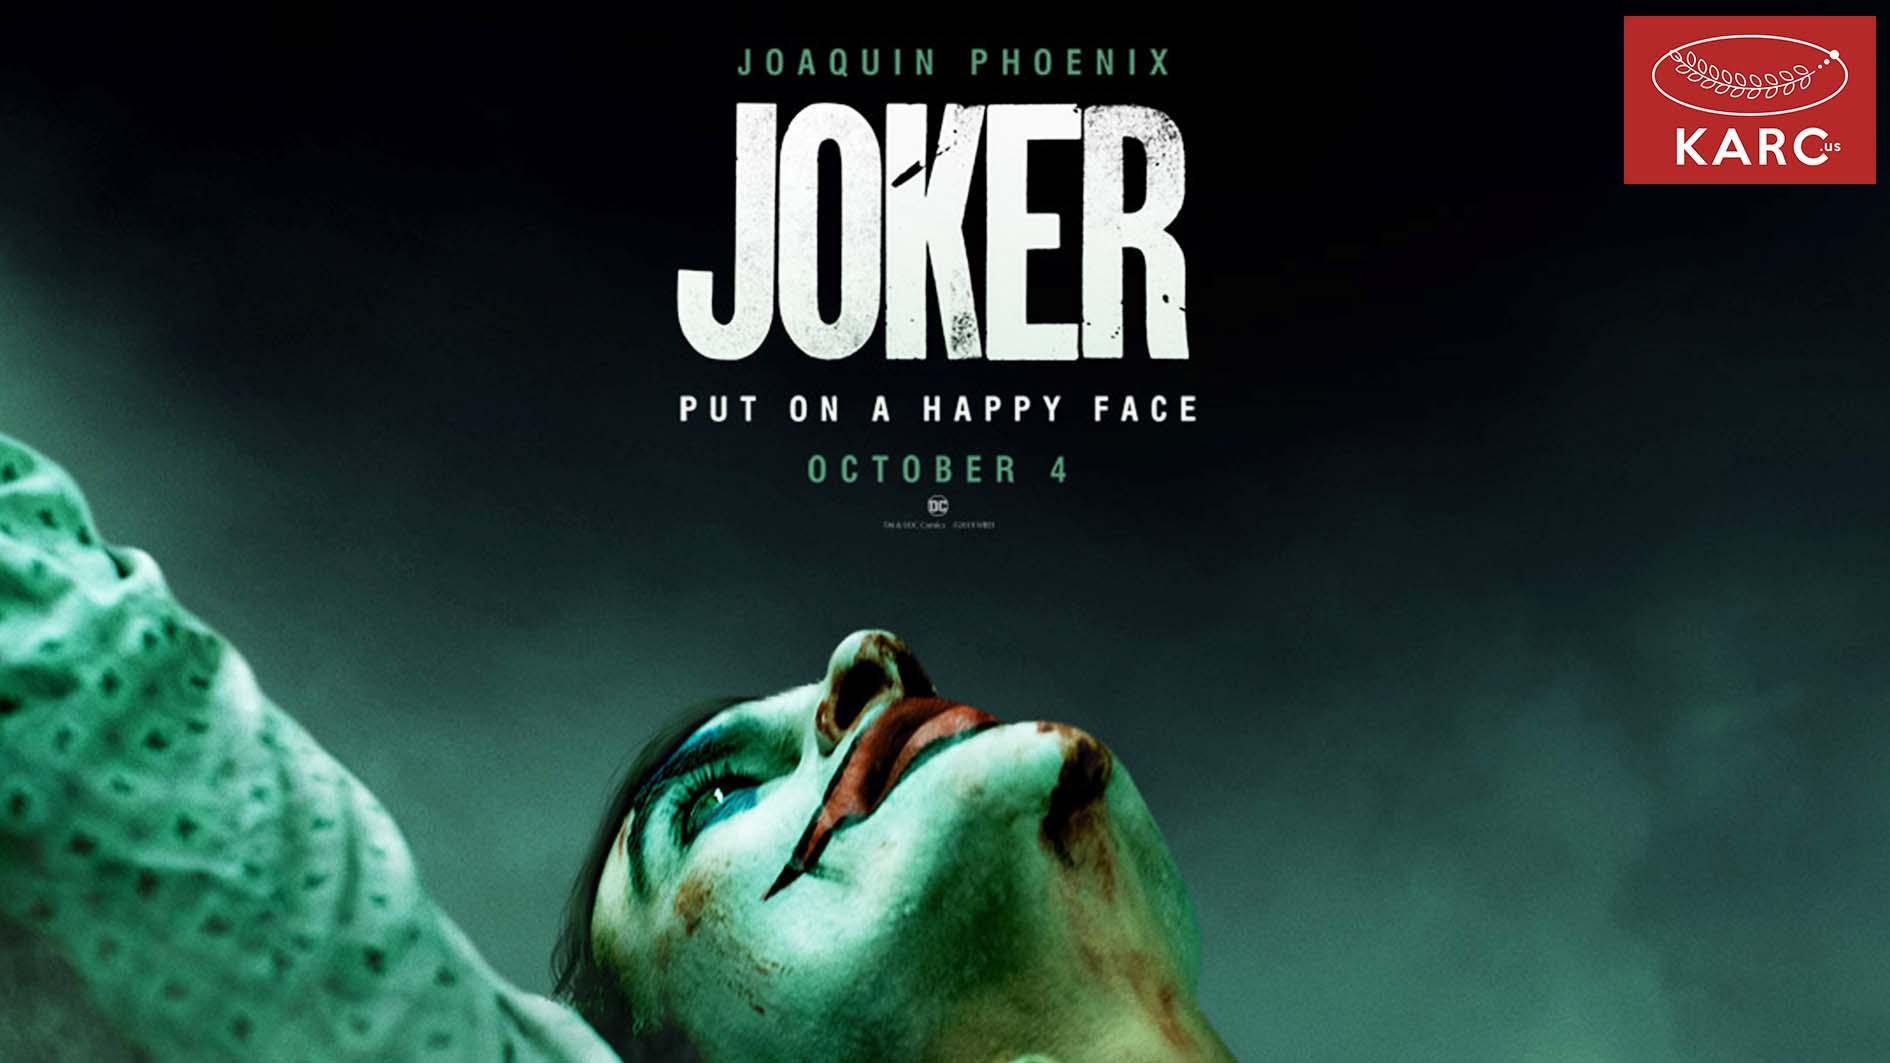 เหตุผลว่าทำไม Joker ถึงเป้นวายรายที่เข้าไปอยู่ในใจคนดู karc.us , วงการภาพยนต์ , แนะนำหนังดี , แนะนำหนังน่าดูหนังน่าดู , รีวิวหนังใหม่ , ก่อนตายต้องได้ดู! , ข่าวดารา , ข่าวเด่นประเด็นร้อน , รีวิวหนังใหม่ , หนังดังในอดีต